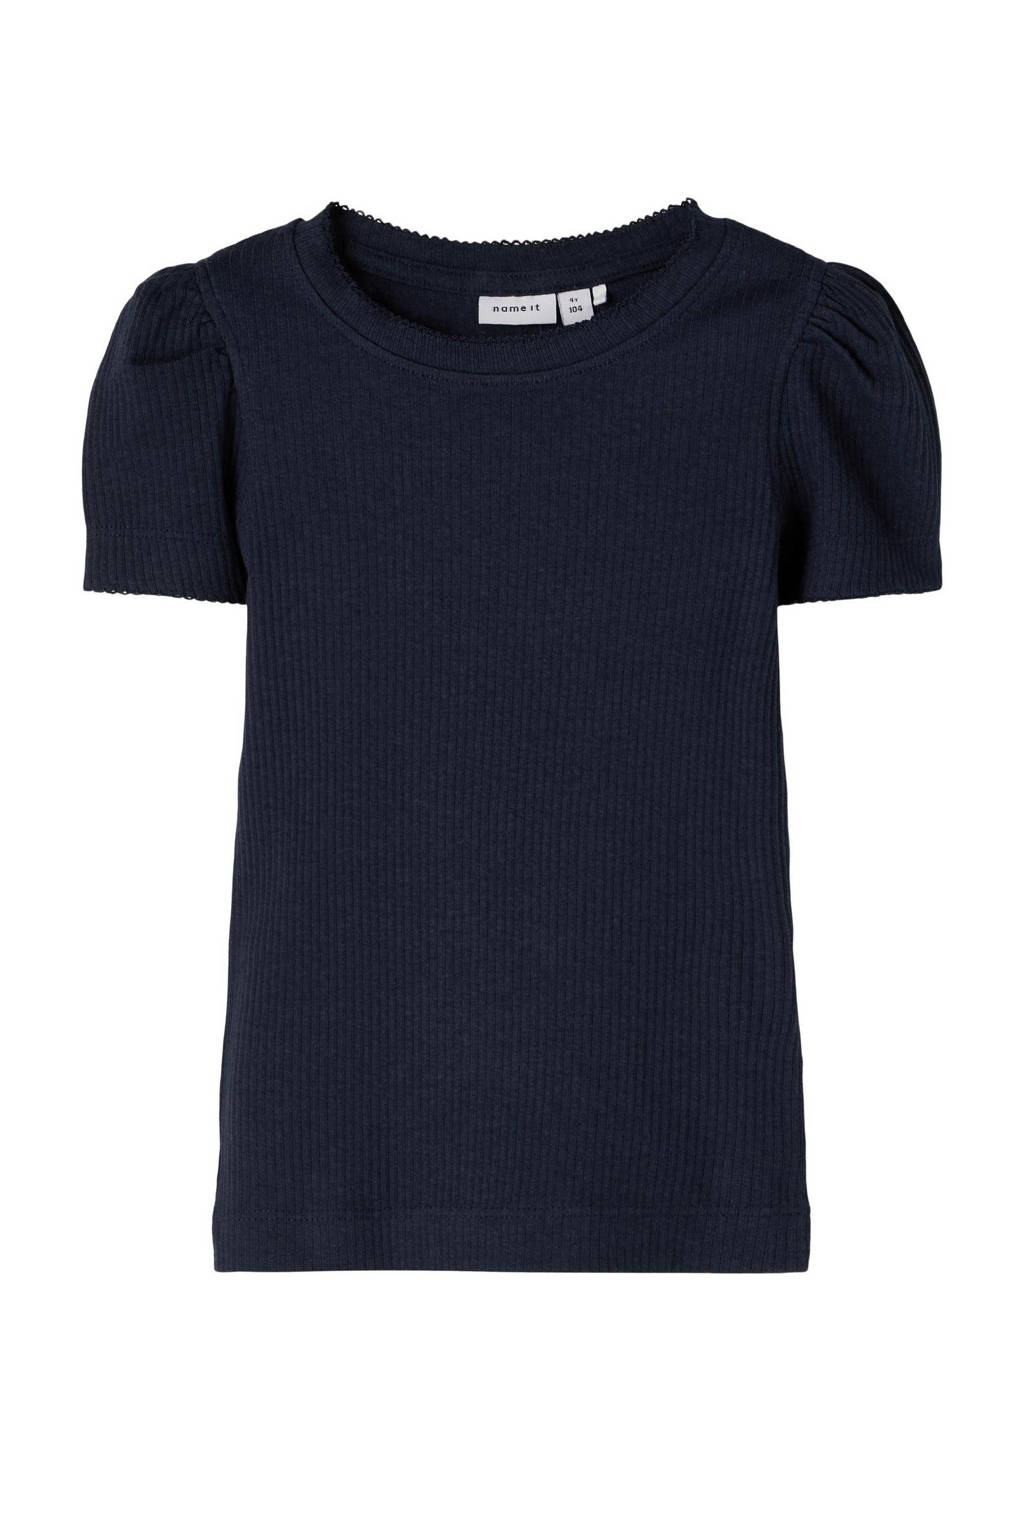 NAME IT MINI ribgebreid T-shirt Kabexi met biologisch katoen donkerblauw, Donkerblauw